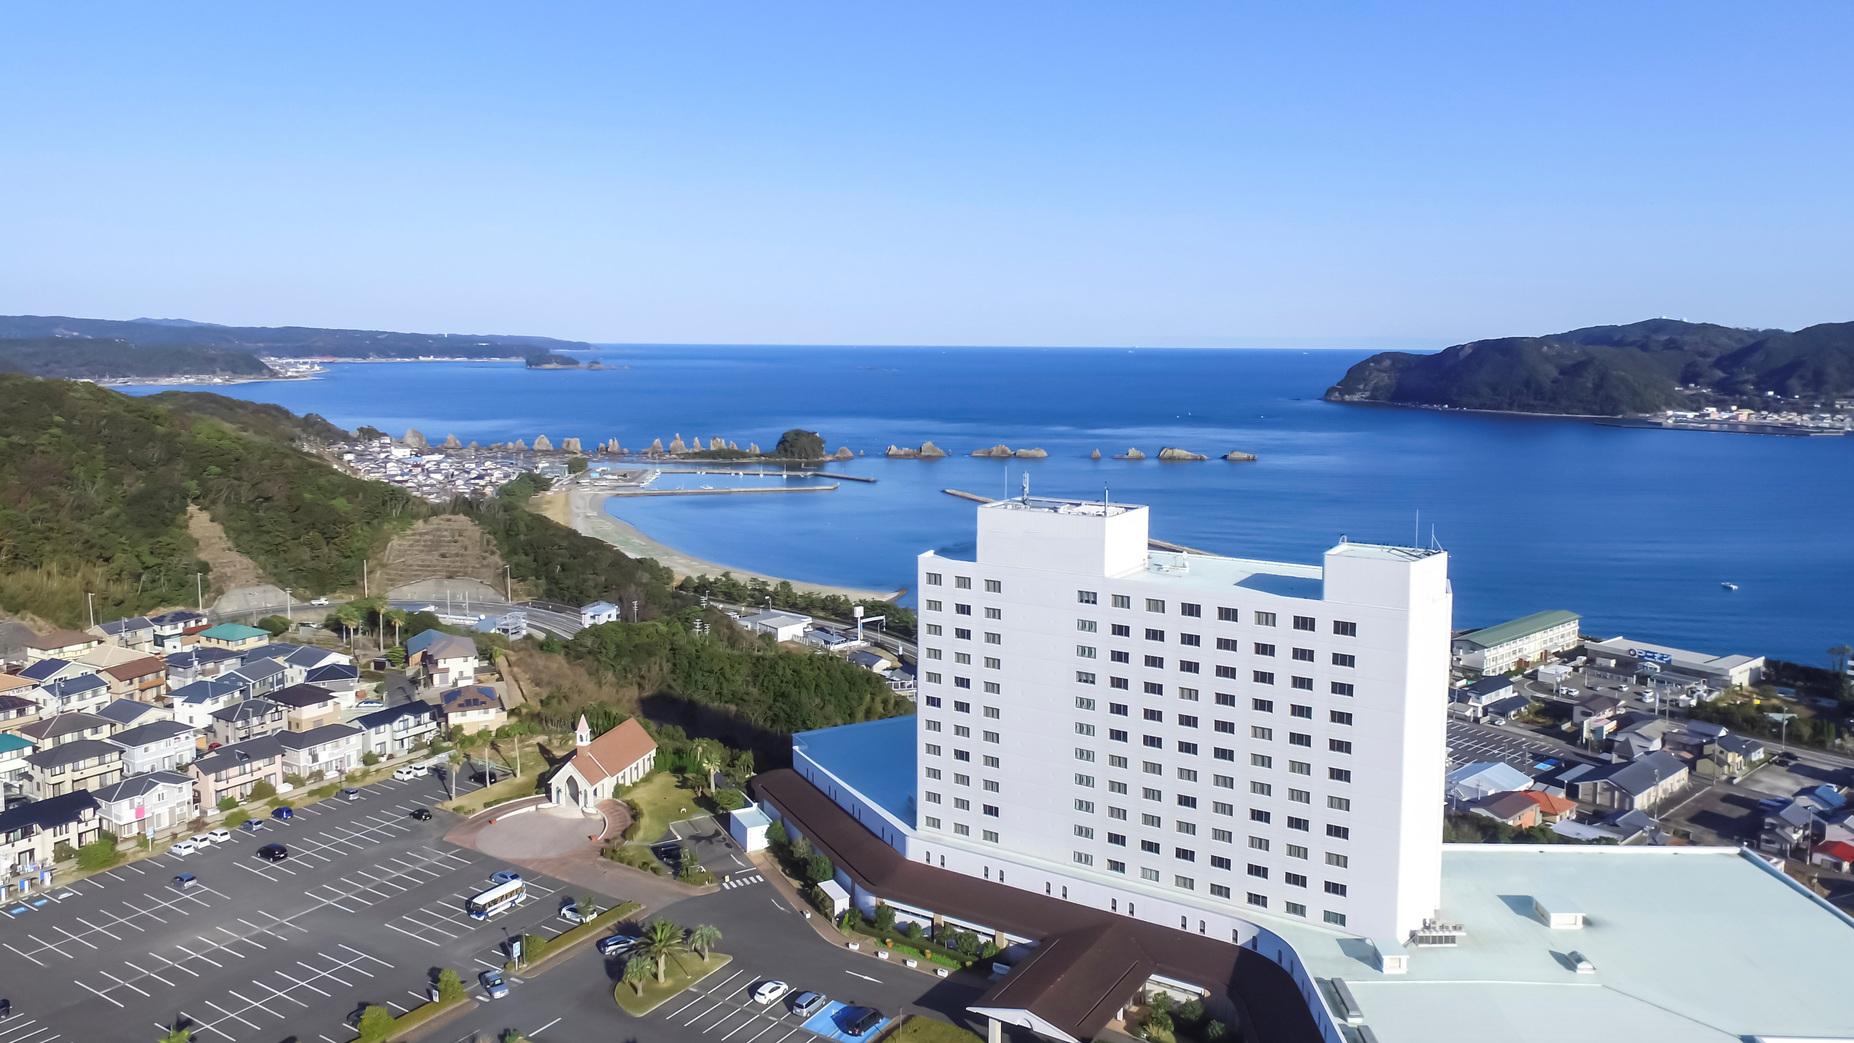 ホテル&リゾーツ 和歌山 串本 −DAIWA ROYAL HOTEL−